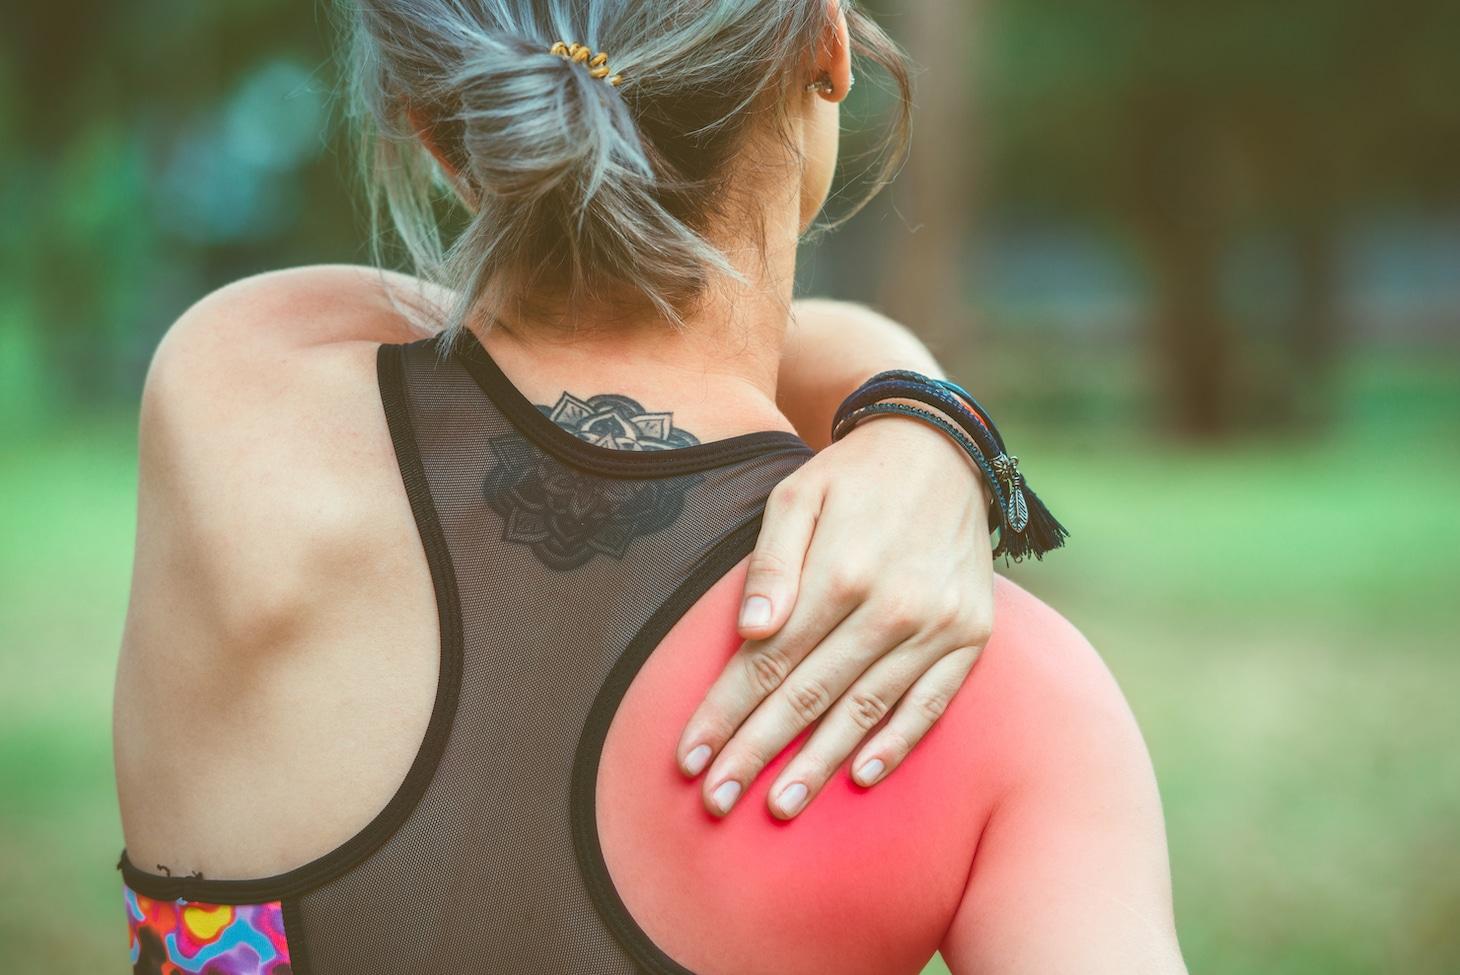 Почему болят мышцы после тренировки.jpg